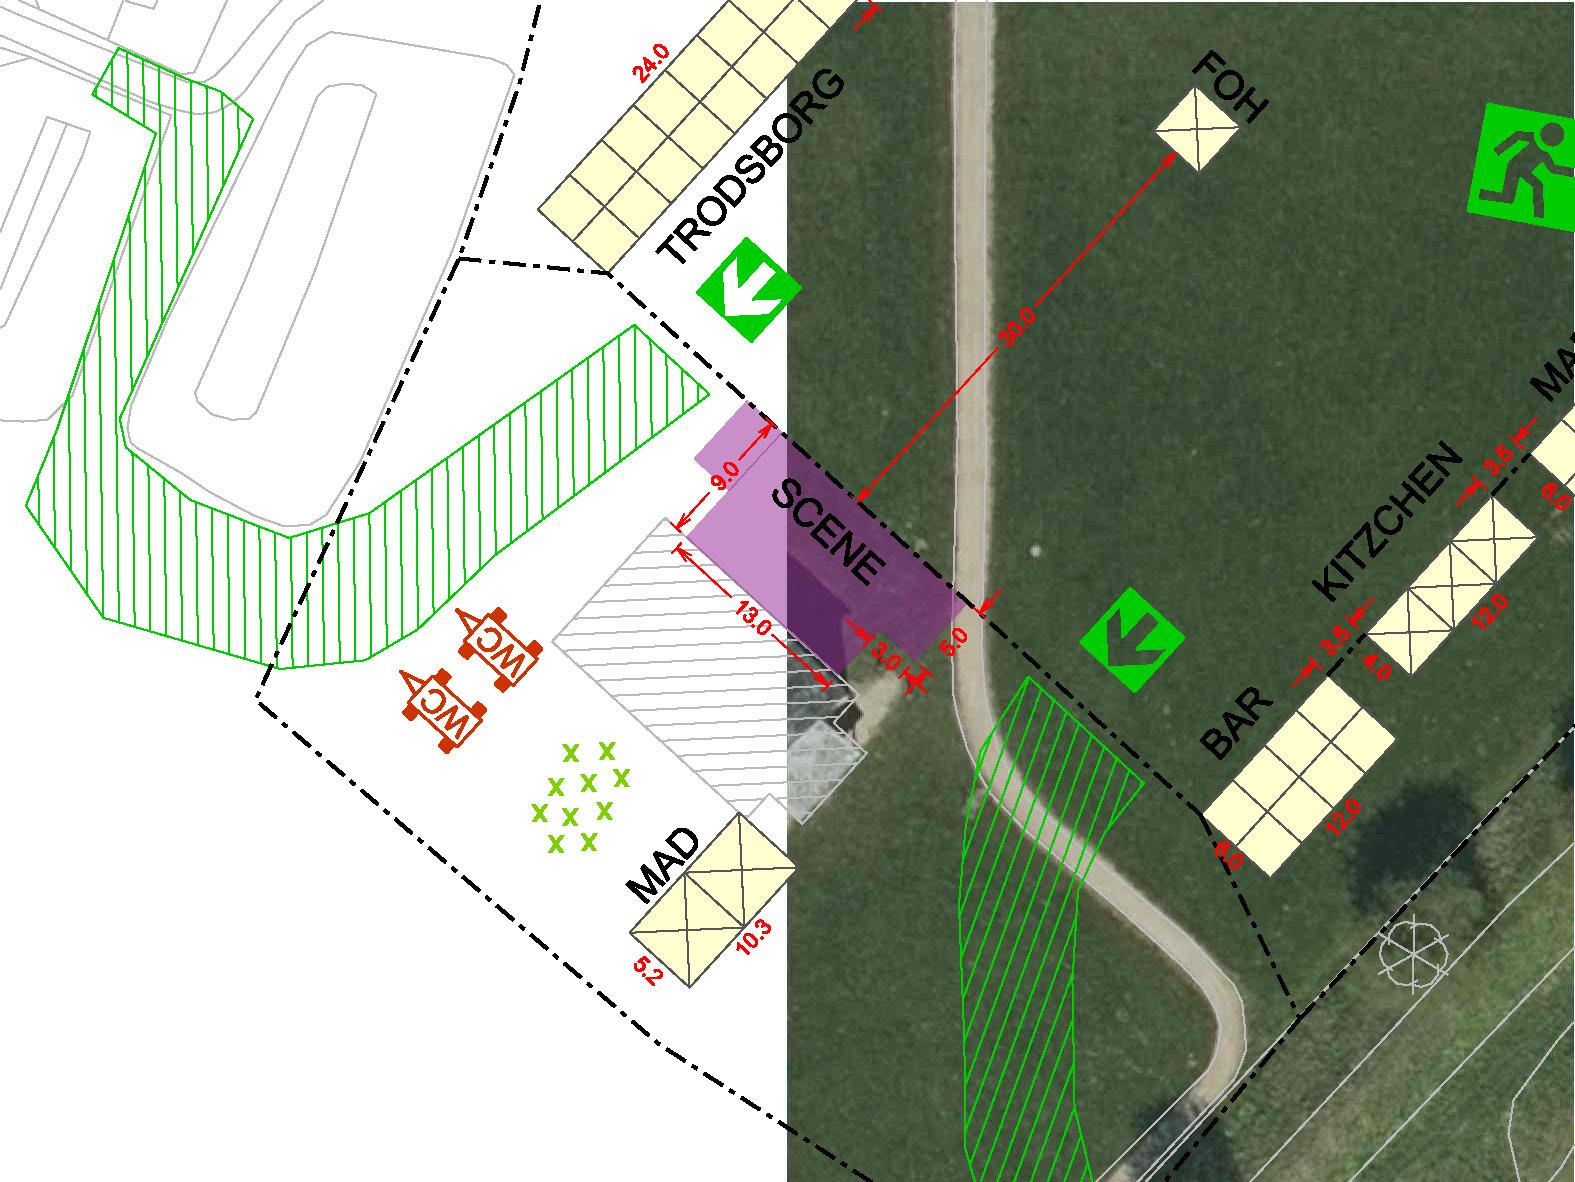 Pladstegning og eventplan